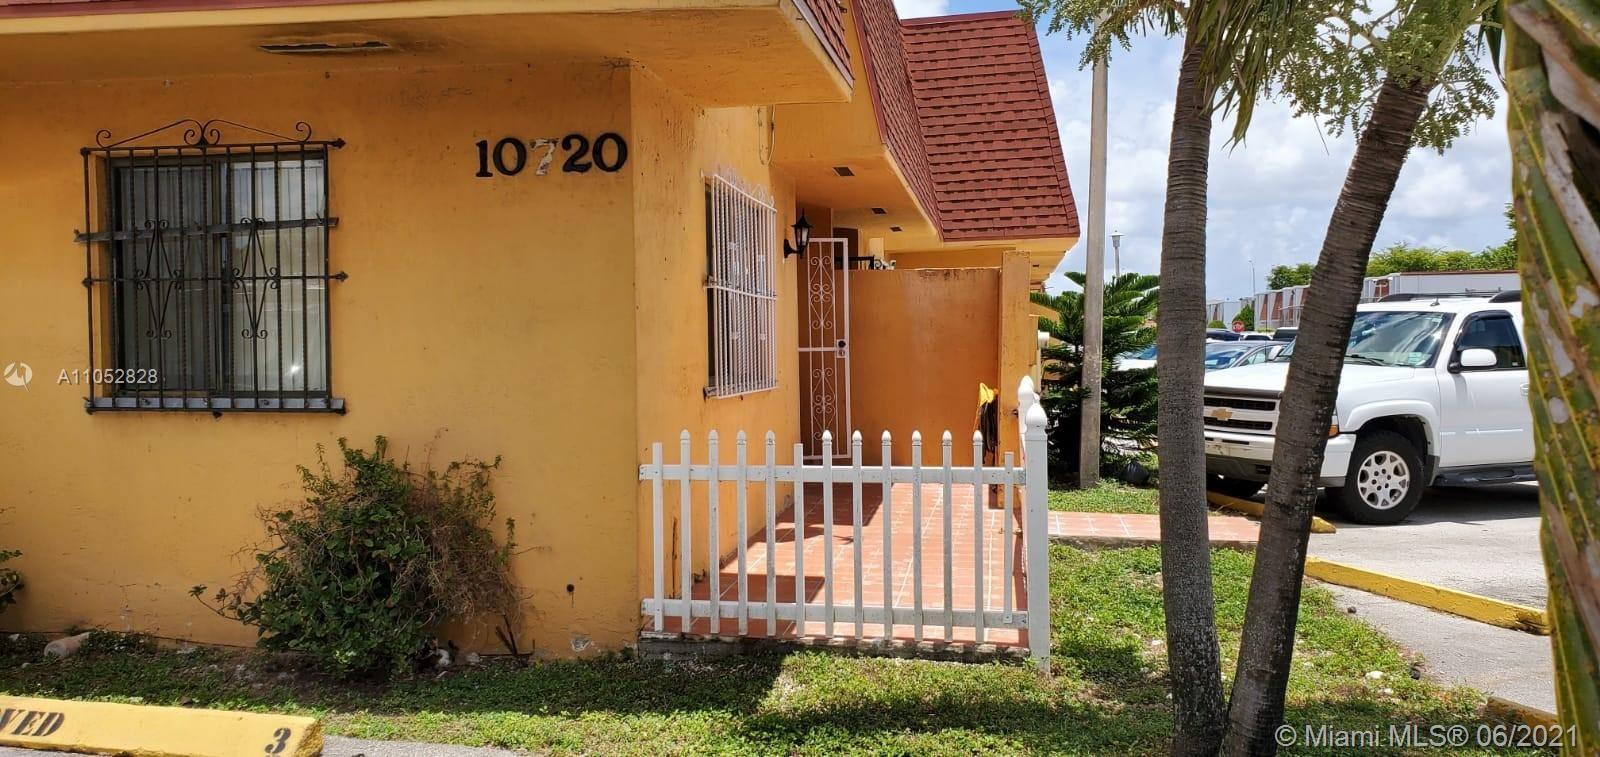 10720 NW 7th St #1C, Miami, FL 33172 - #: A11052828